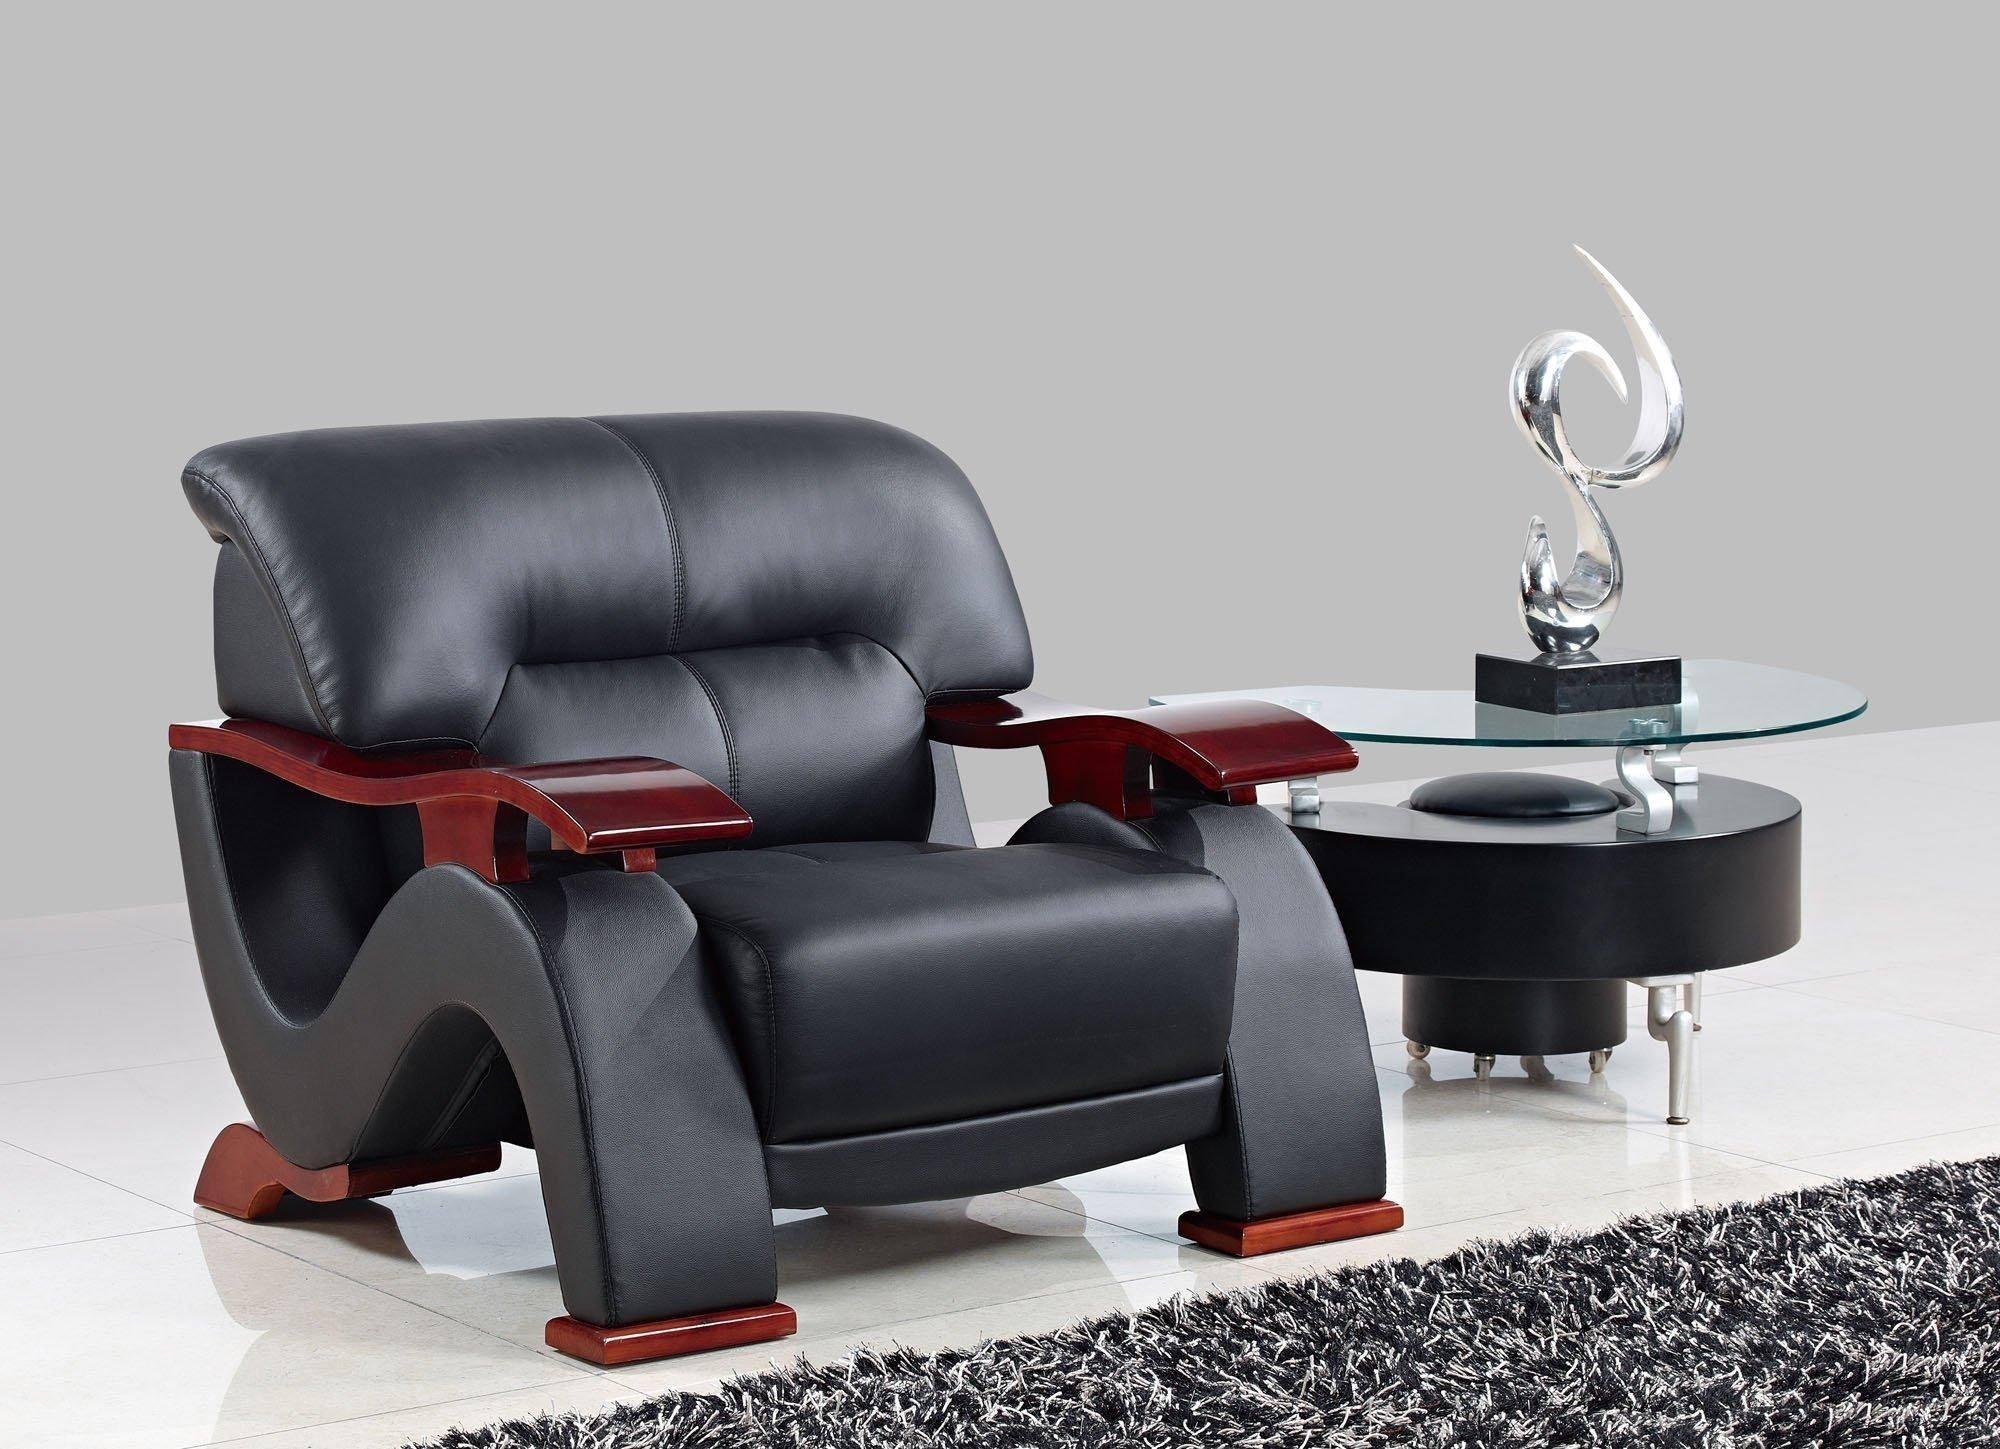 Merveilleux Oversized Recliner Chair